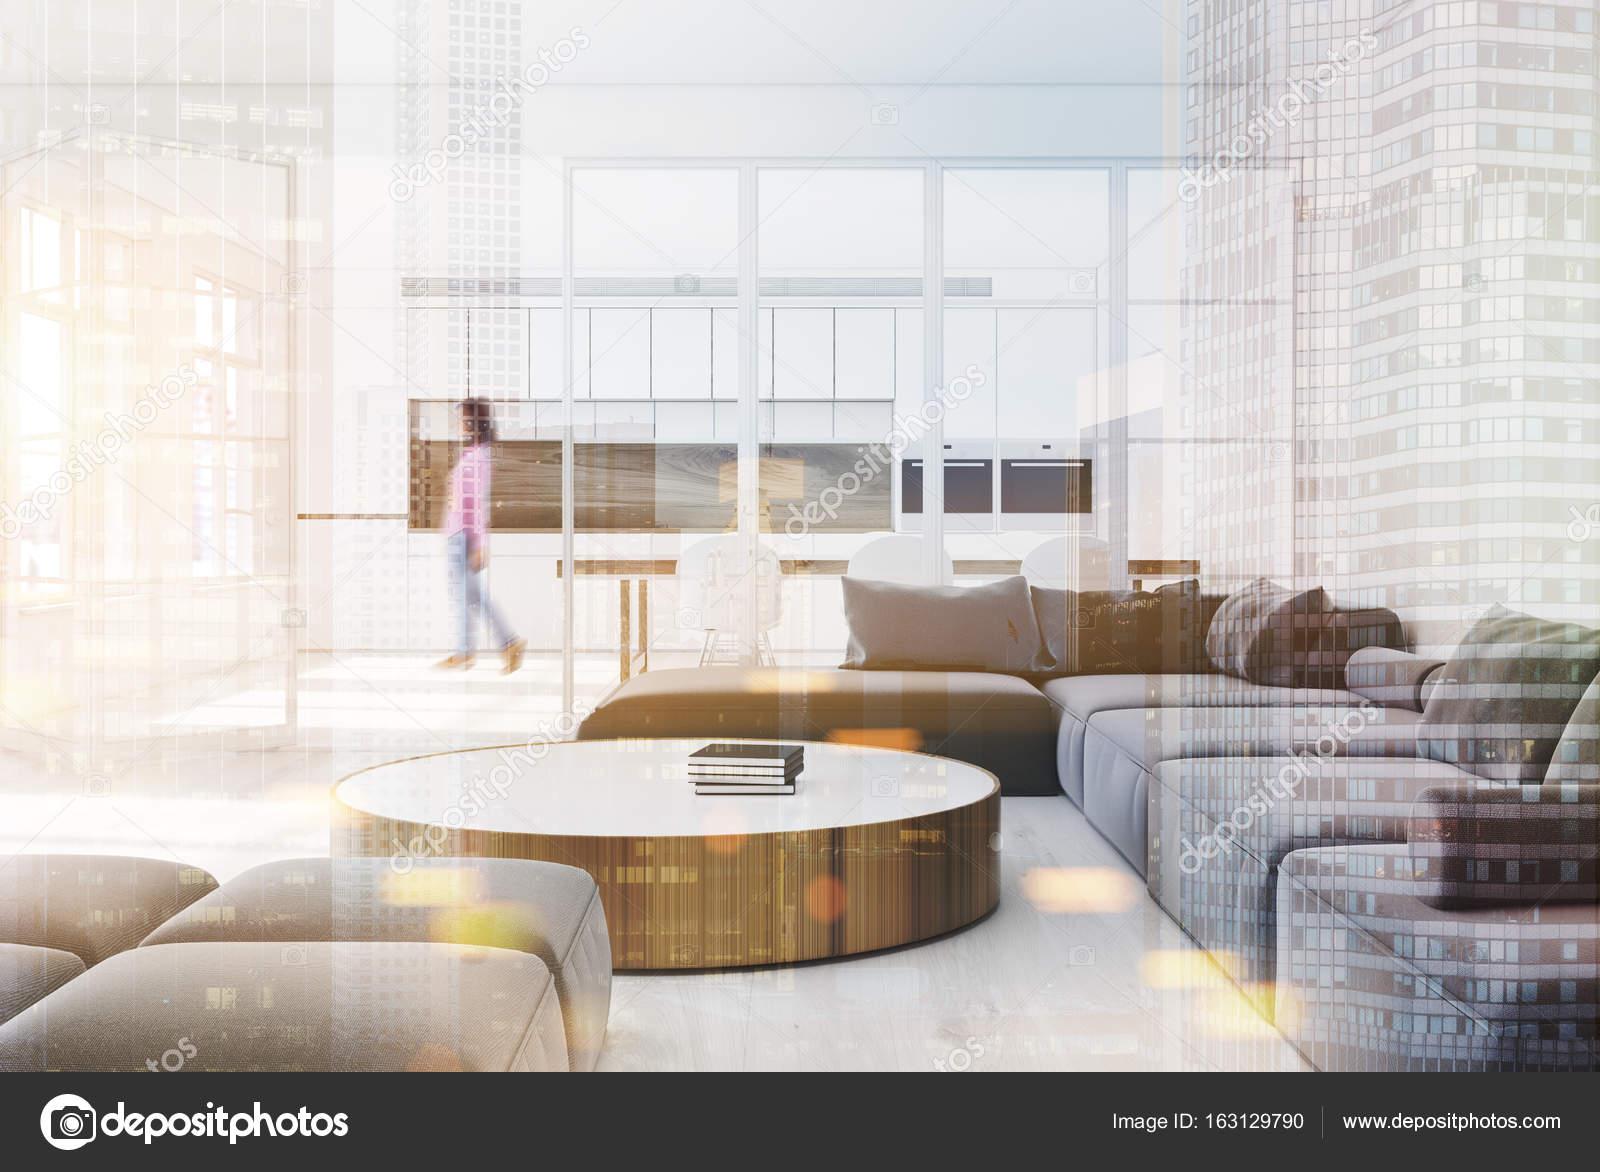 canap gris salon intrieur avec une table basse ronde verre et blanc des murs et une cuisine dans le fond femme rendu 3d simul jusquaux tons dimage - Salon Canape Gris